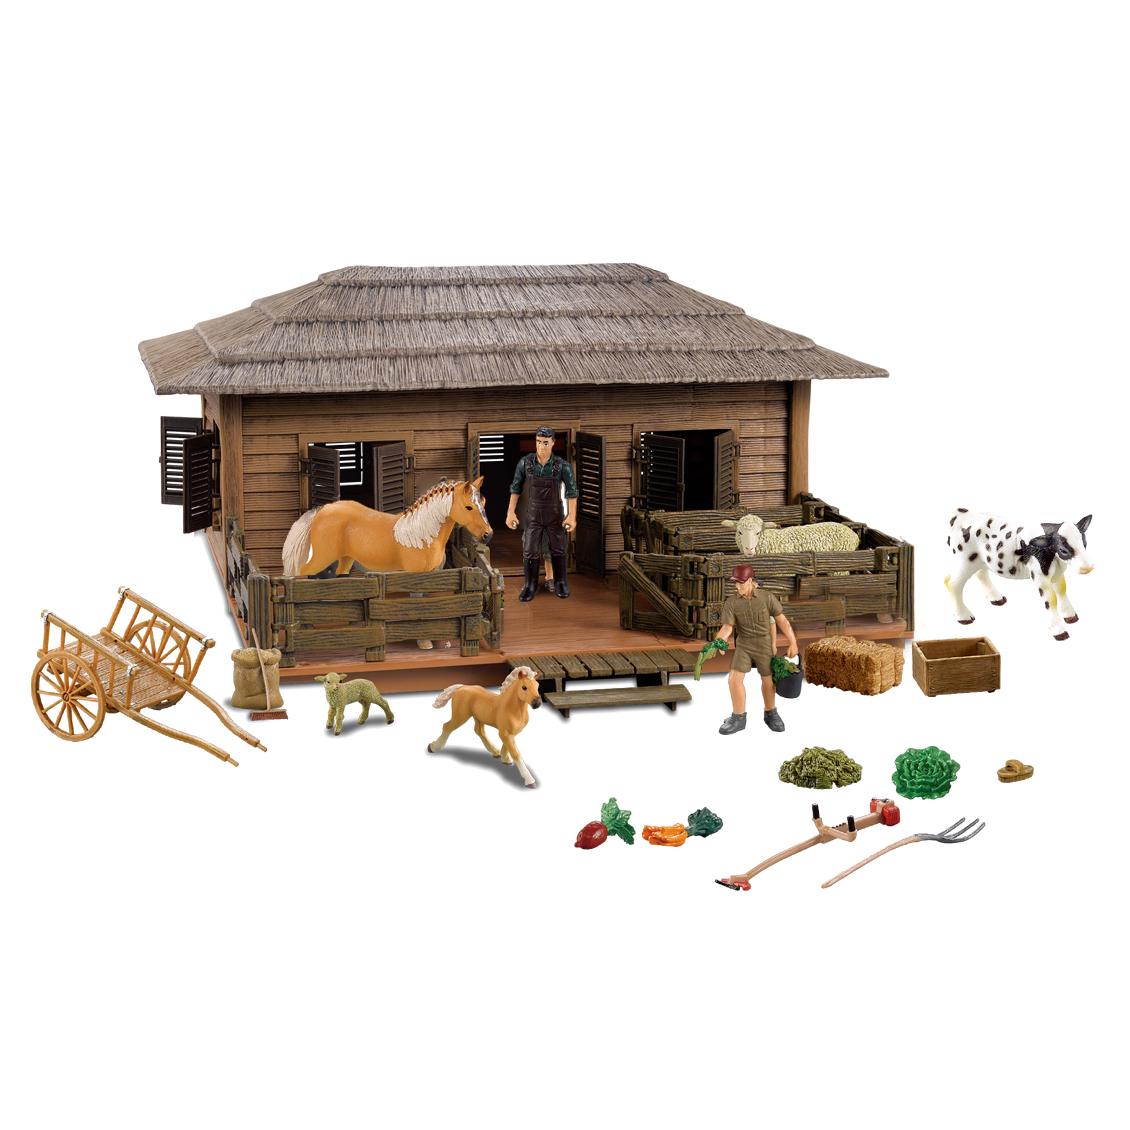 Stáj velký dům pro koně a ovce s příslušenstvím a